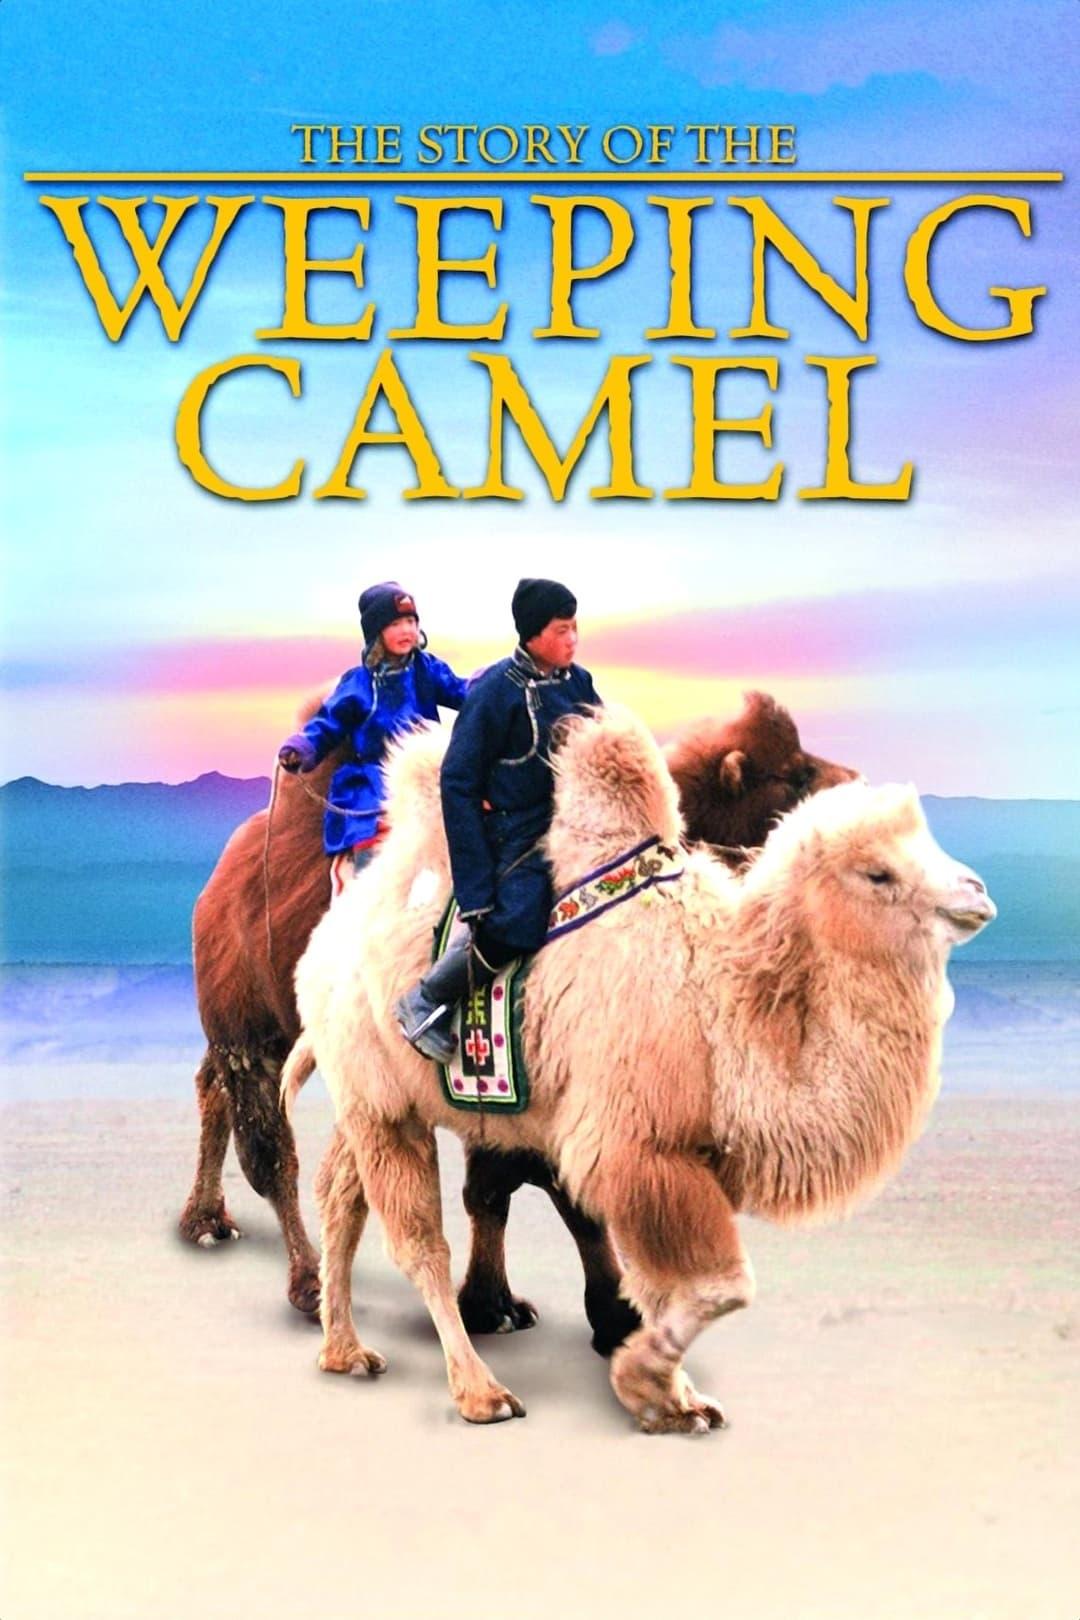 A História de um Camelo que Chora